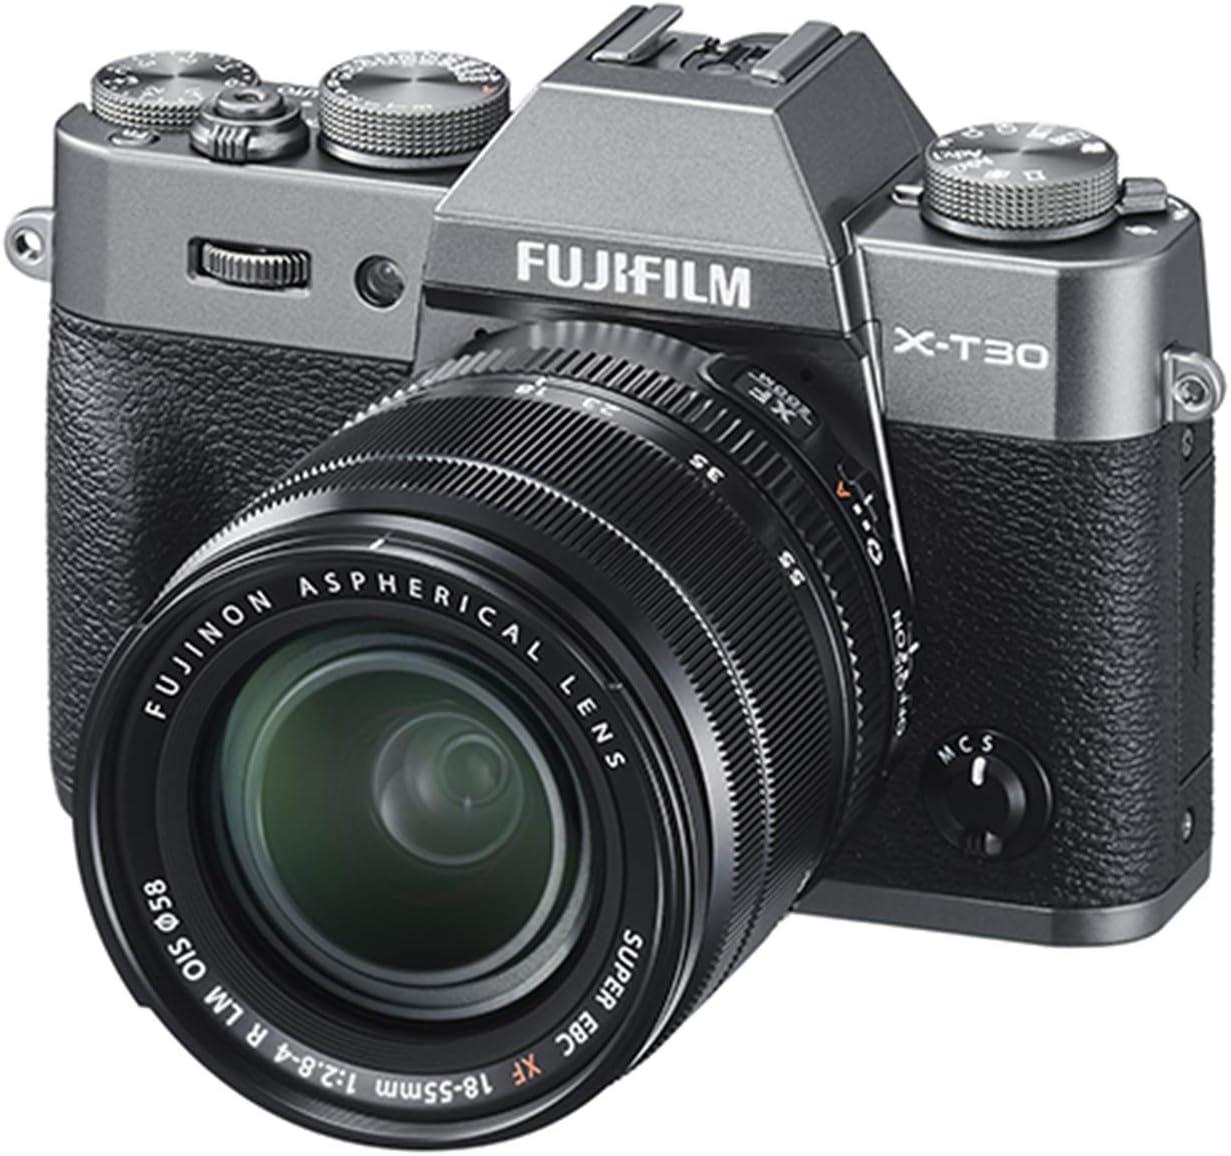 Fujifilm X-T30 -Best Mirrorless Digital Camera